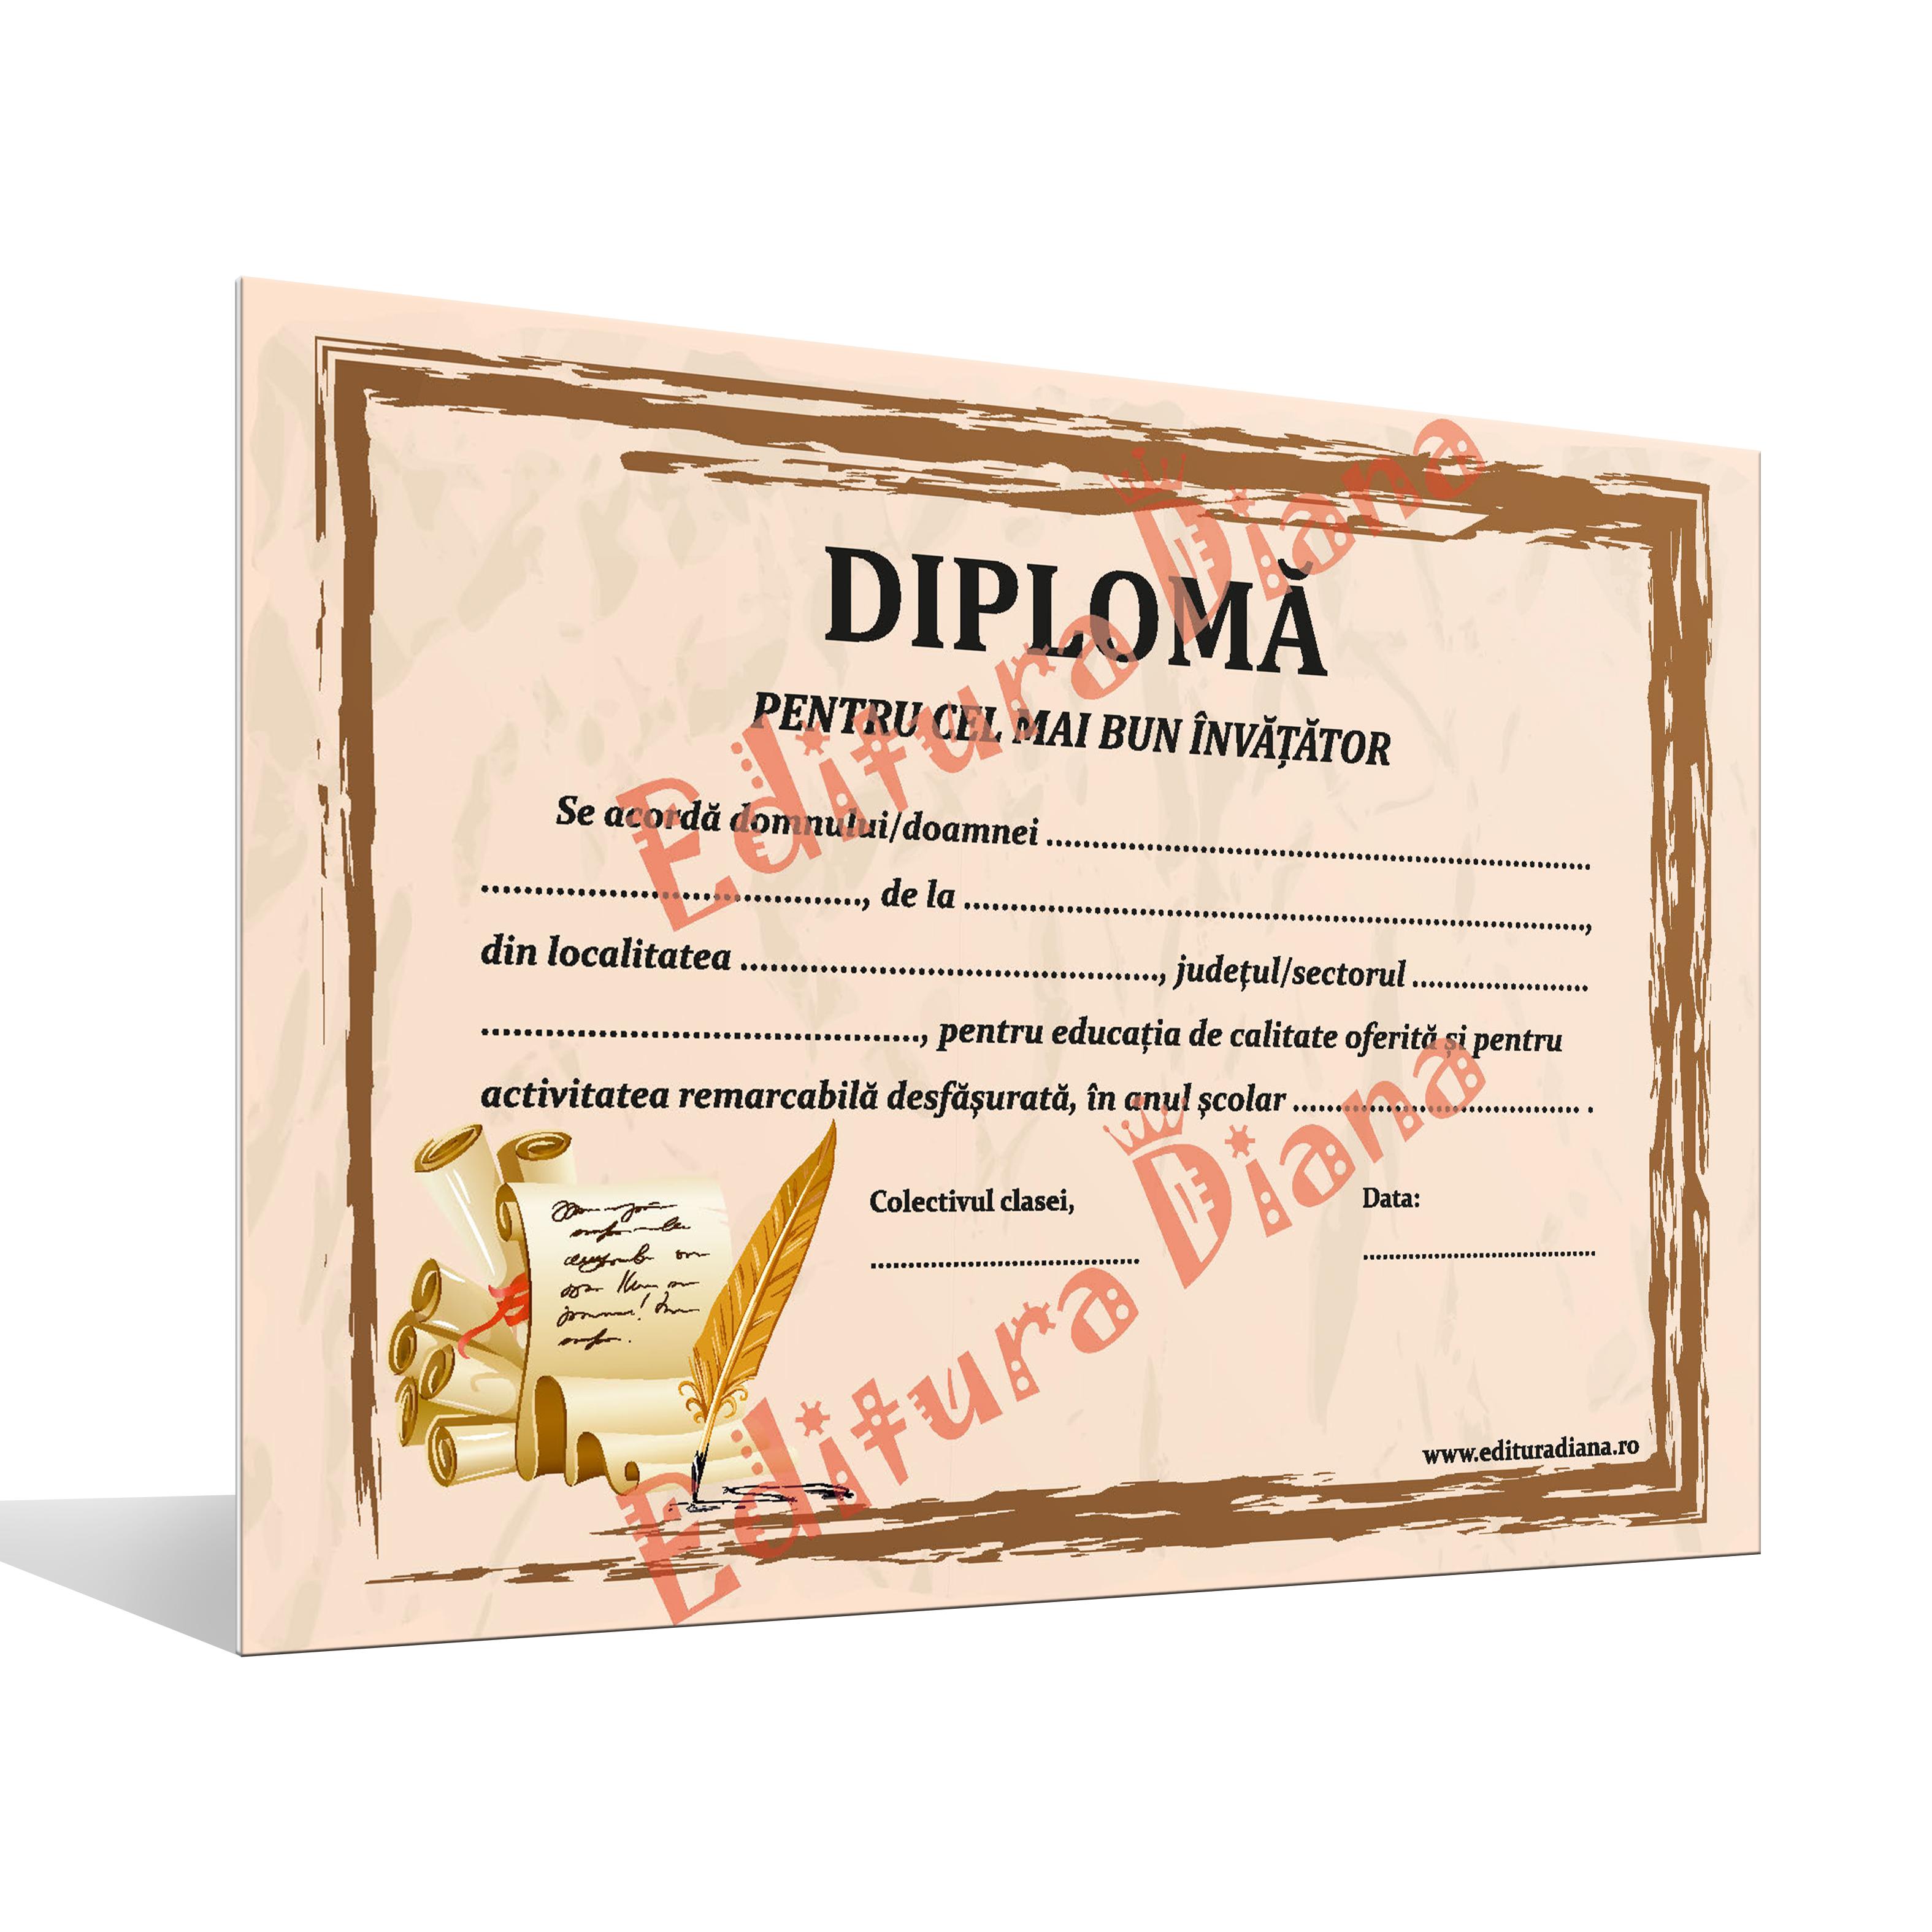 Diplomă pentru cel mai bun învățător imagine edituradiana.ro